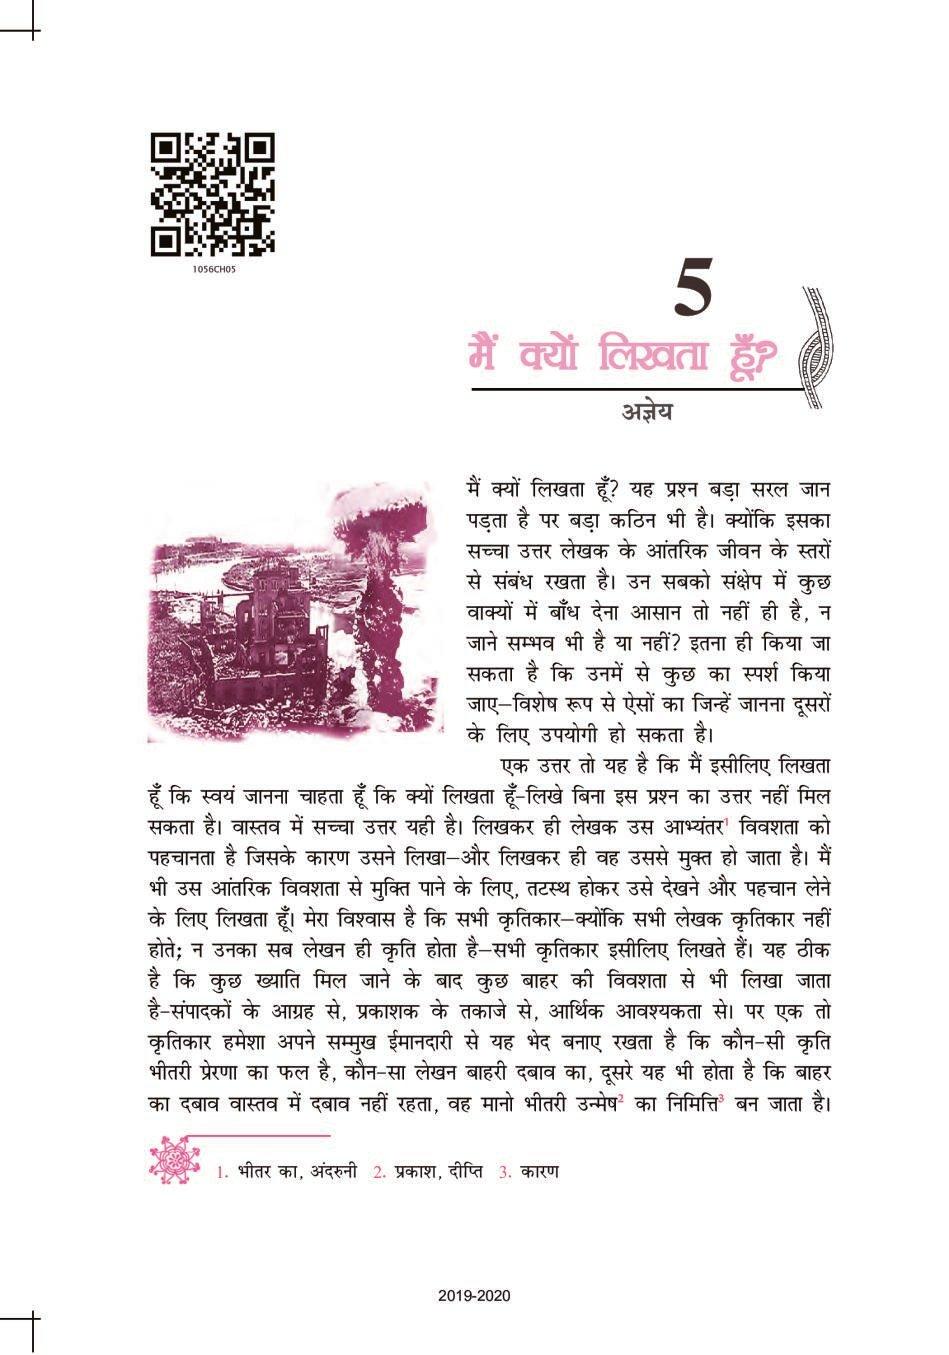 NCERT Book Class 10 Hindi (कृतिका) Chapter 5 मैं क्यों लिखता हूँ? - Page 1